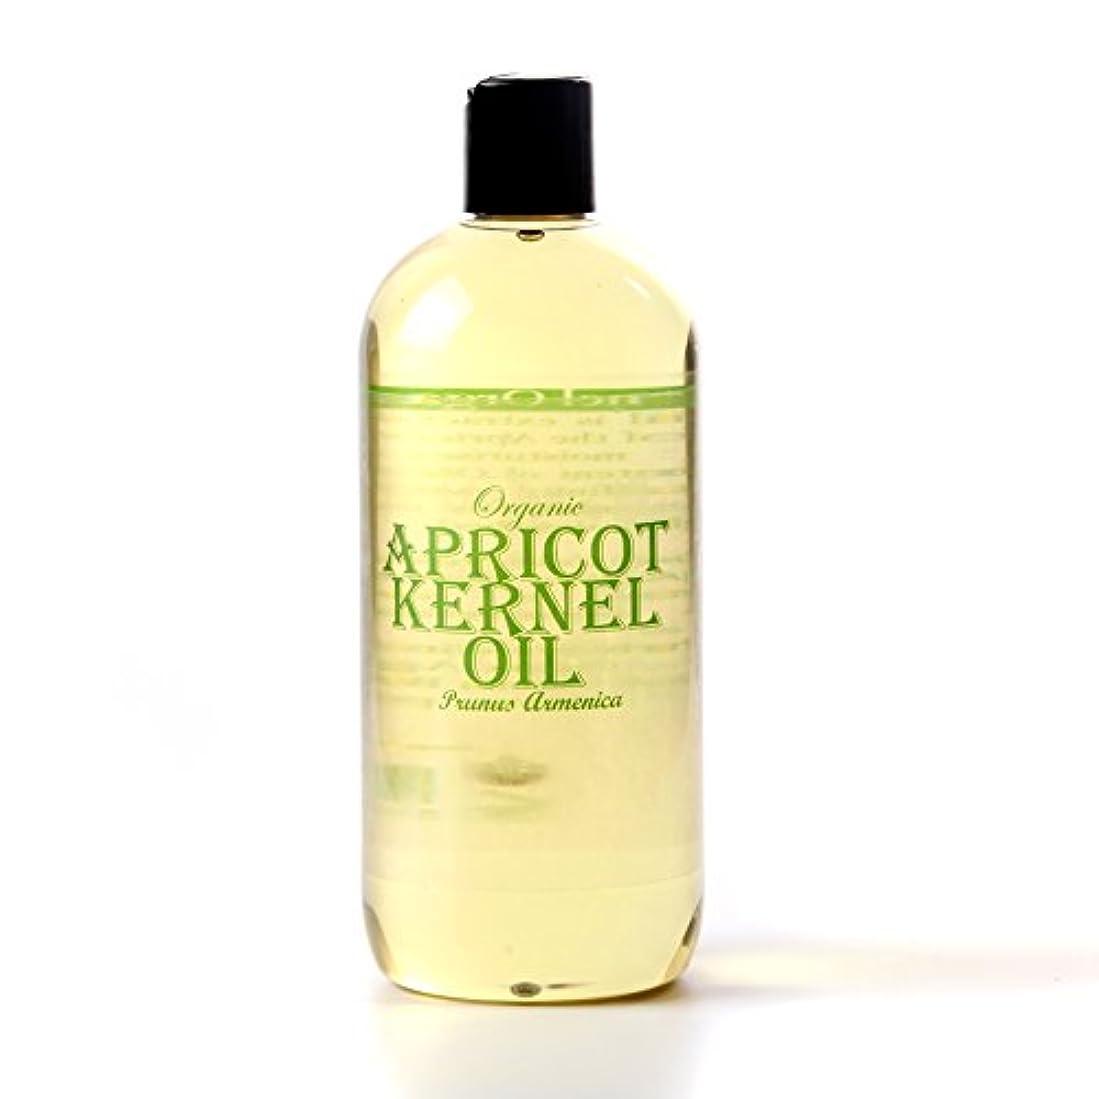 言い直すおじいちゃん方言Mystic Moments | Apricot Kernel Organic Carrier Oil - 500ml - 100% Pure